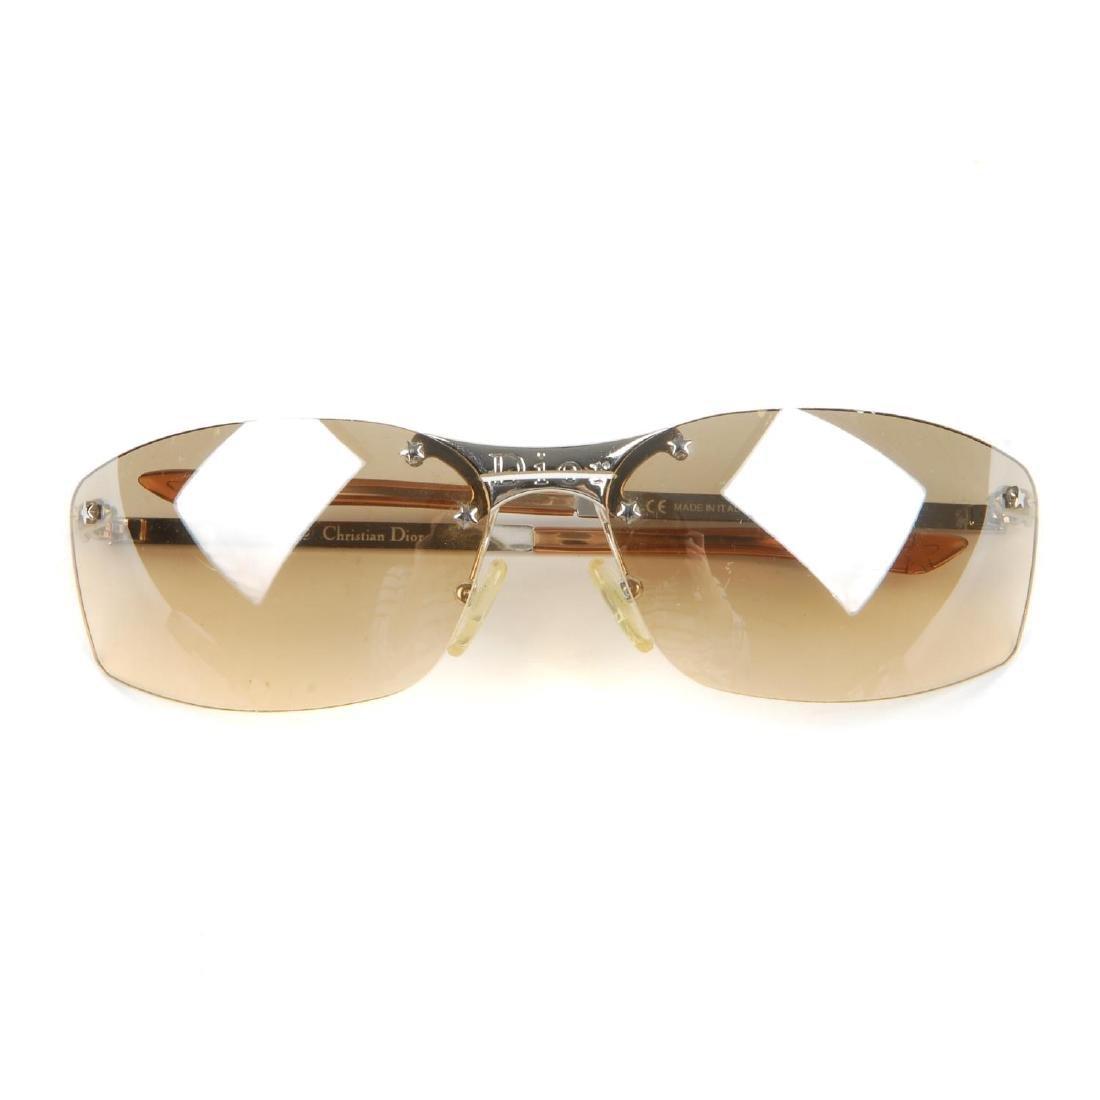 CHRISTIAN DIOR - a pair of rimless sunglasses.